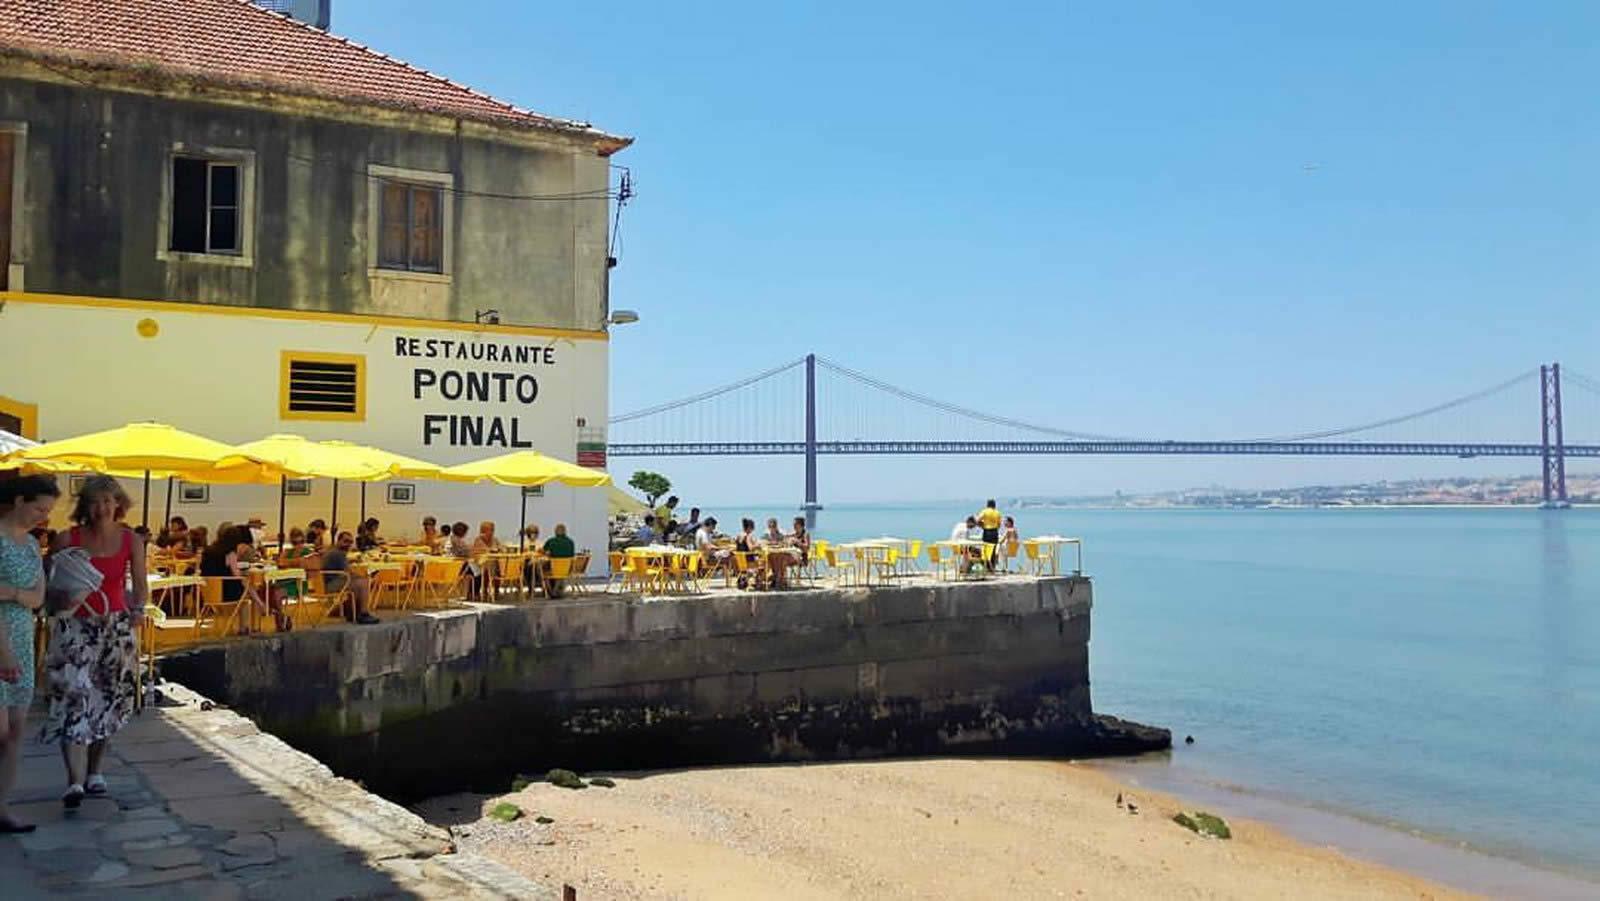 restaurant-ponto-final-cuisine-locale-mer-cacilhas